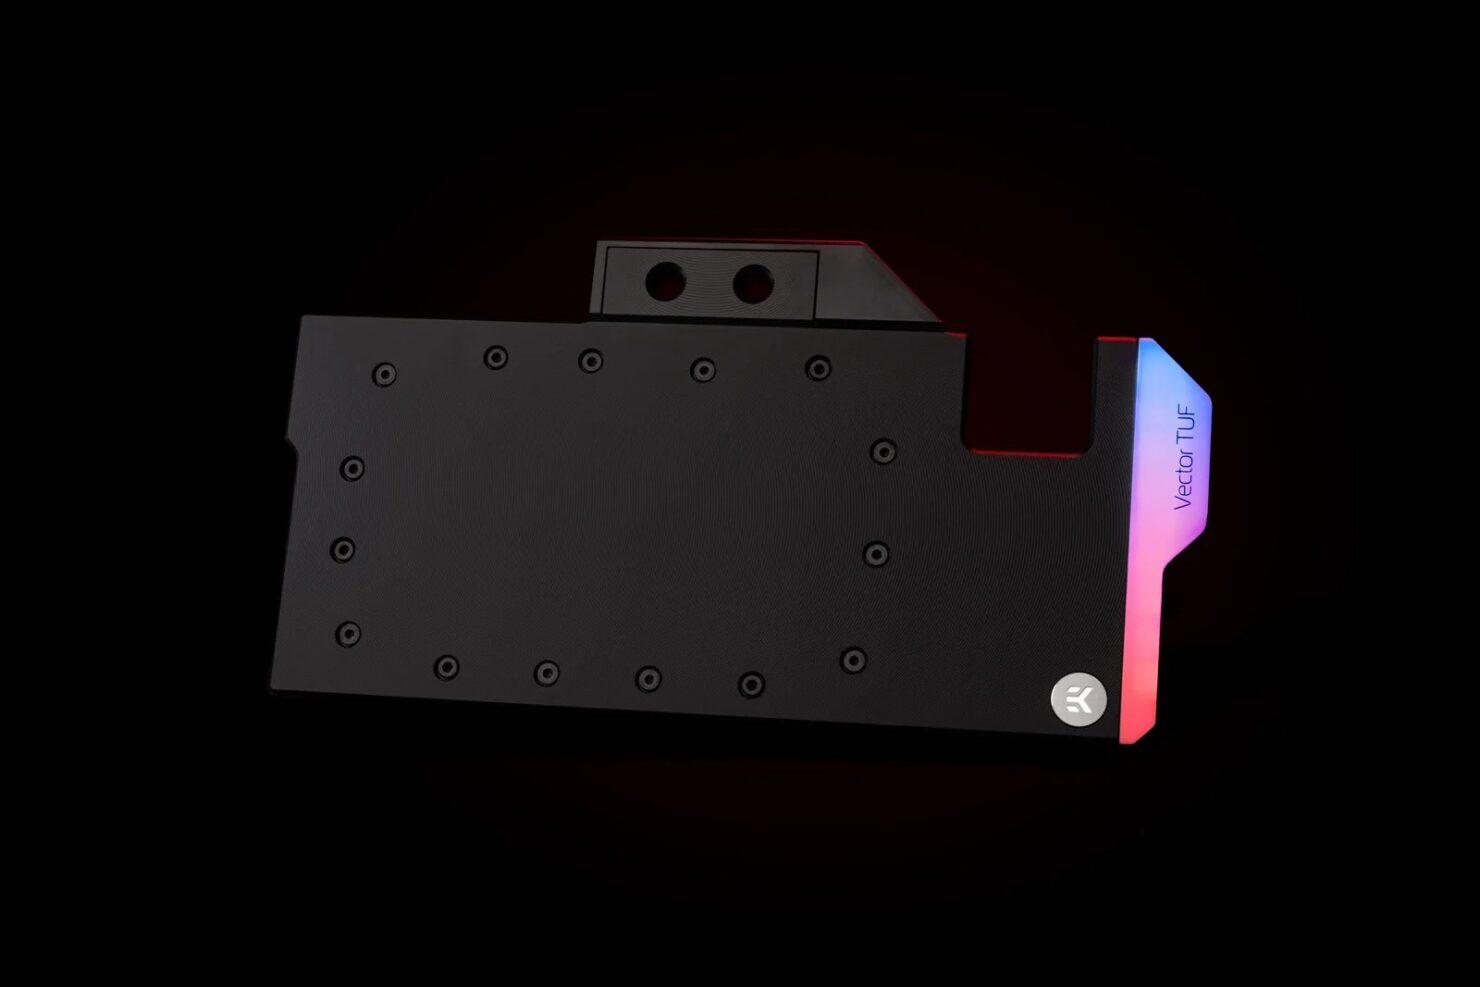 ek-quantum-vector-tuf-rx-68006900-d-rgb-nickel-acetal-1